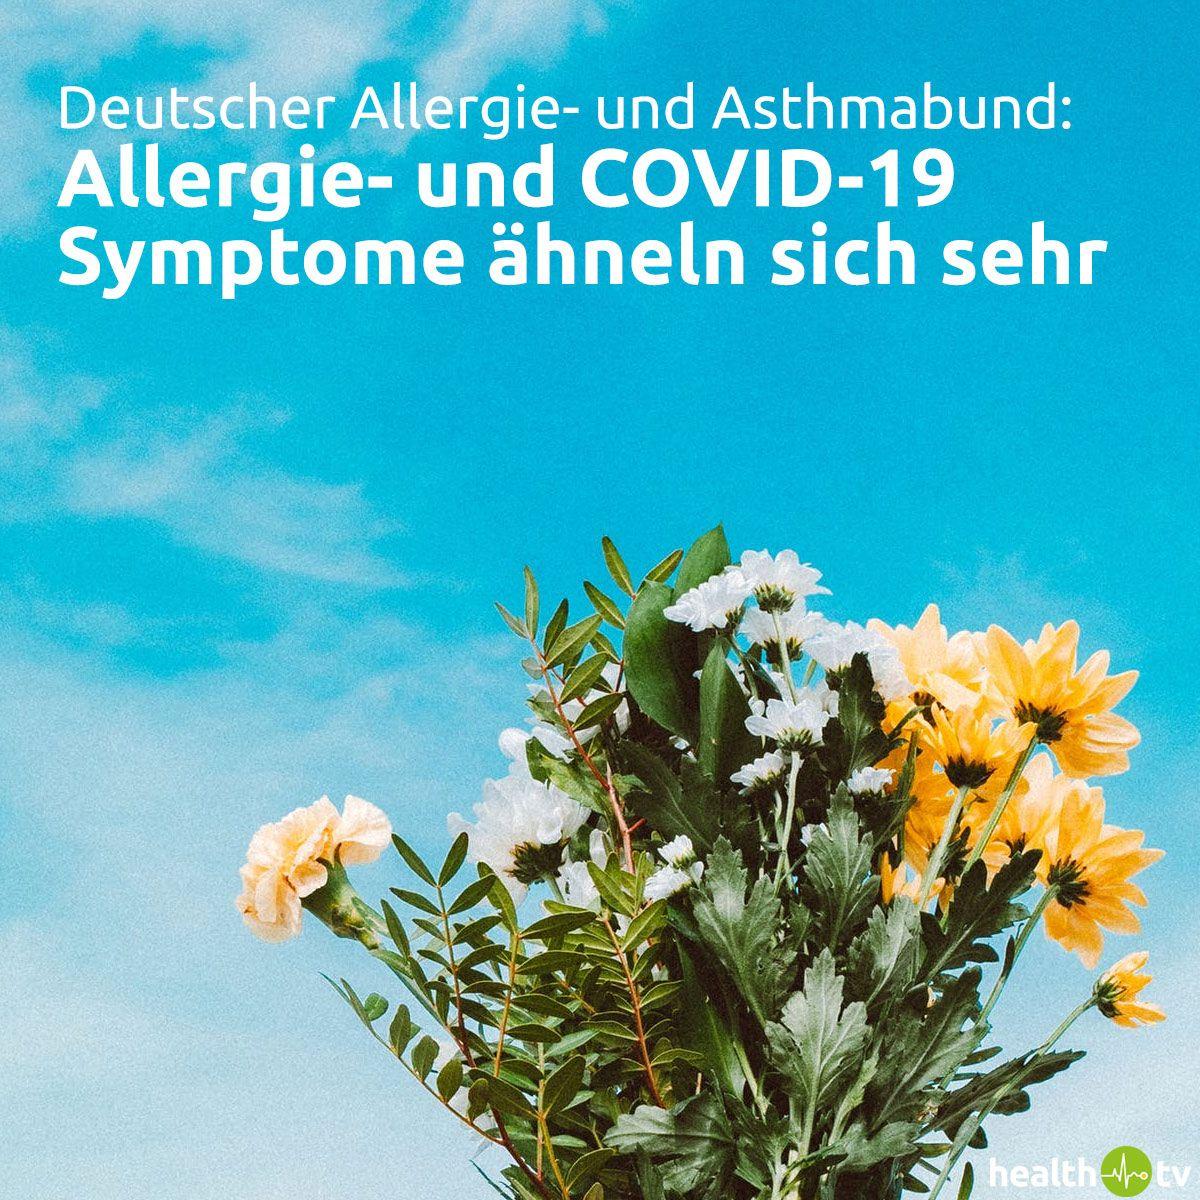 Bei Einer Allergie Hat Man Allerdings Kein Fieber Gesund Leben Gesundheit Wissen